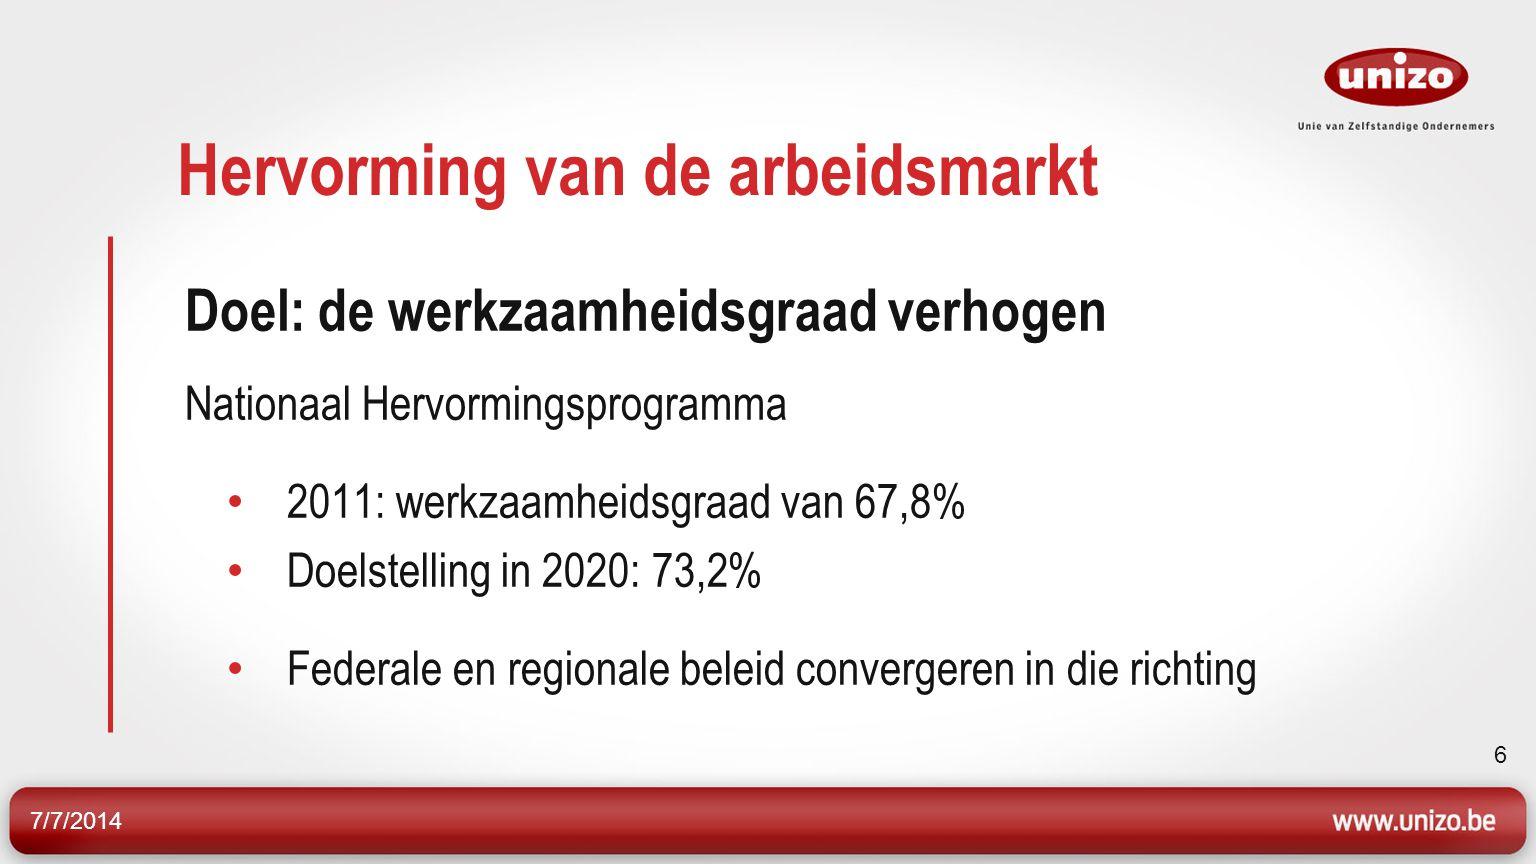 7/7/2014 7 Hervorming van de arbeidsmarkt 1.